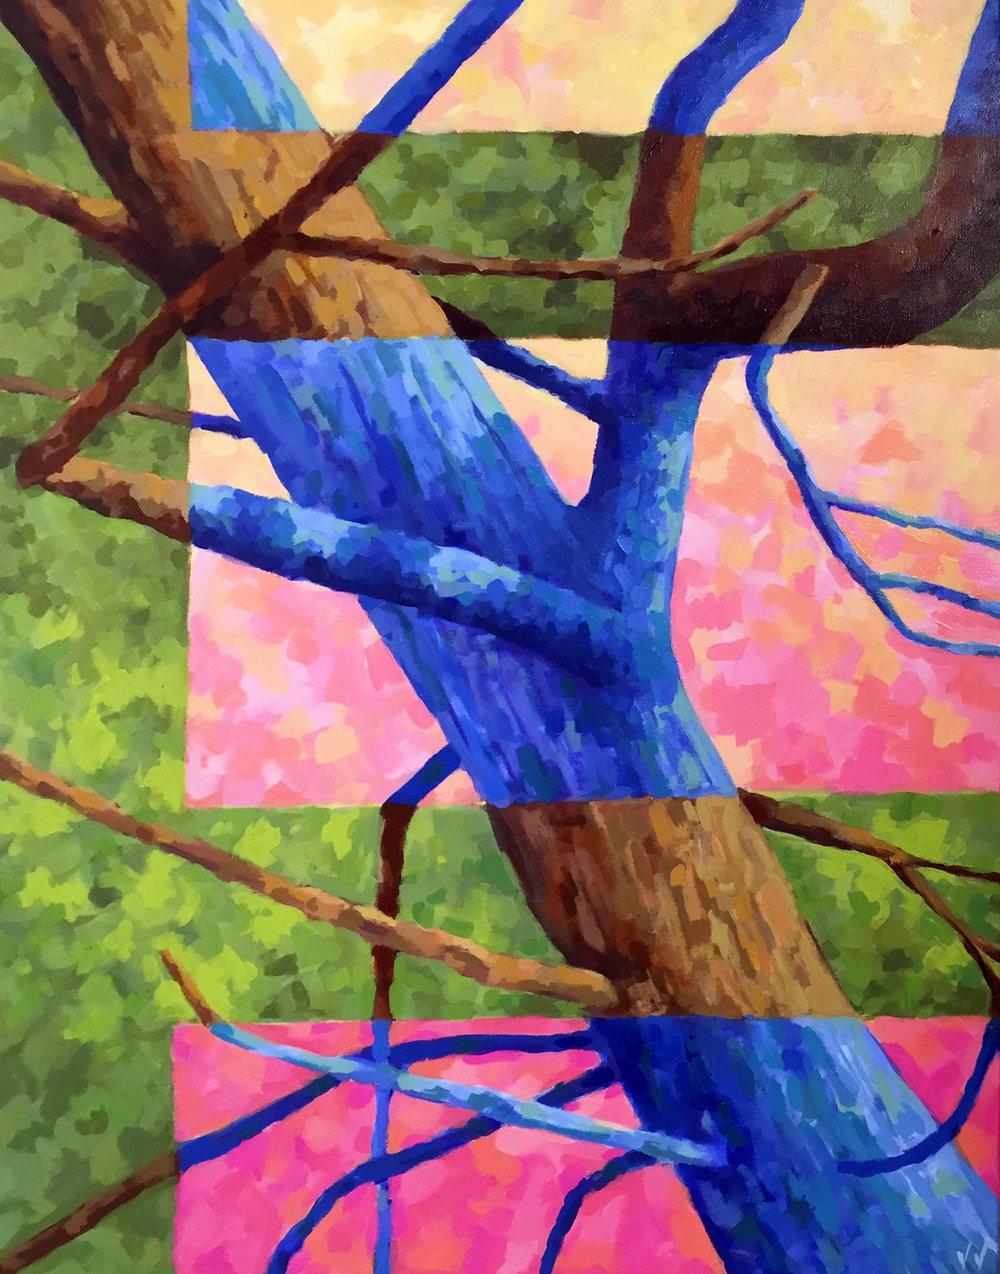 Still Life of an Oak Tree